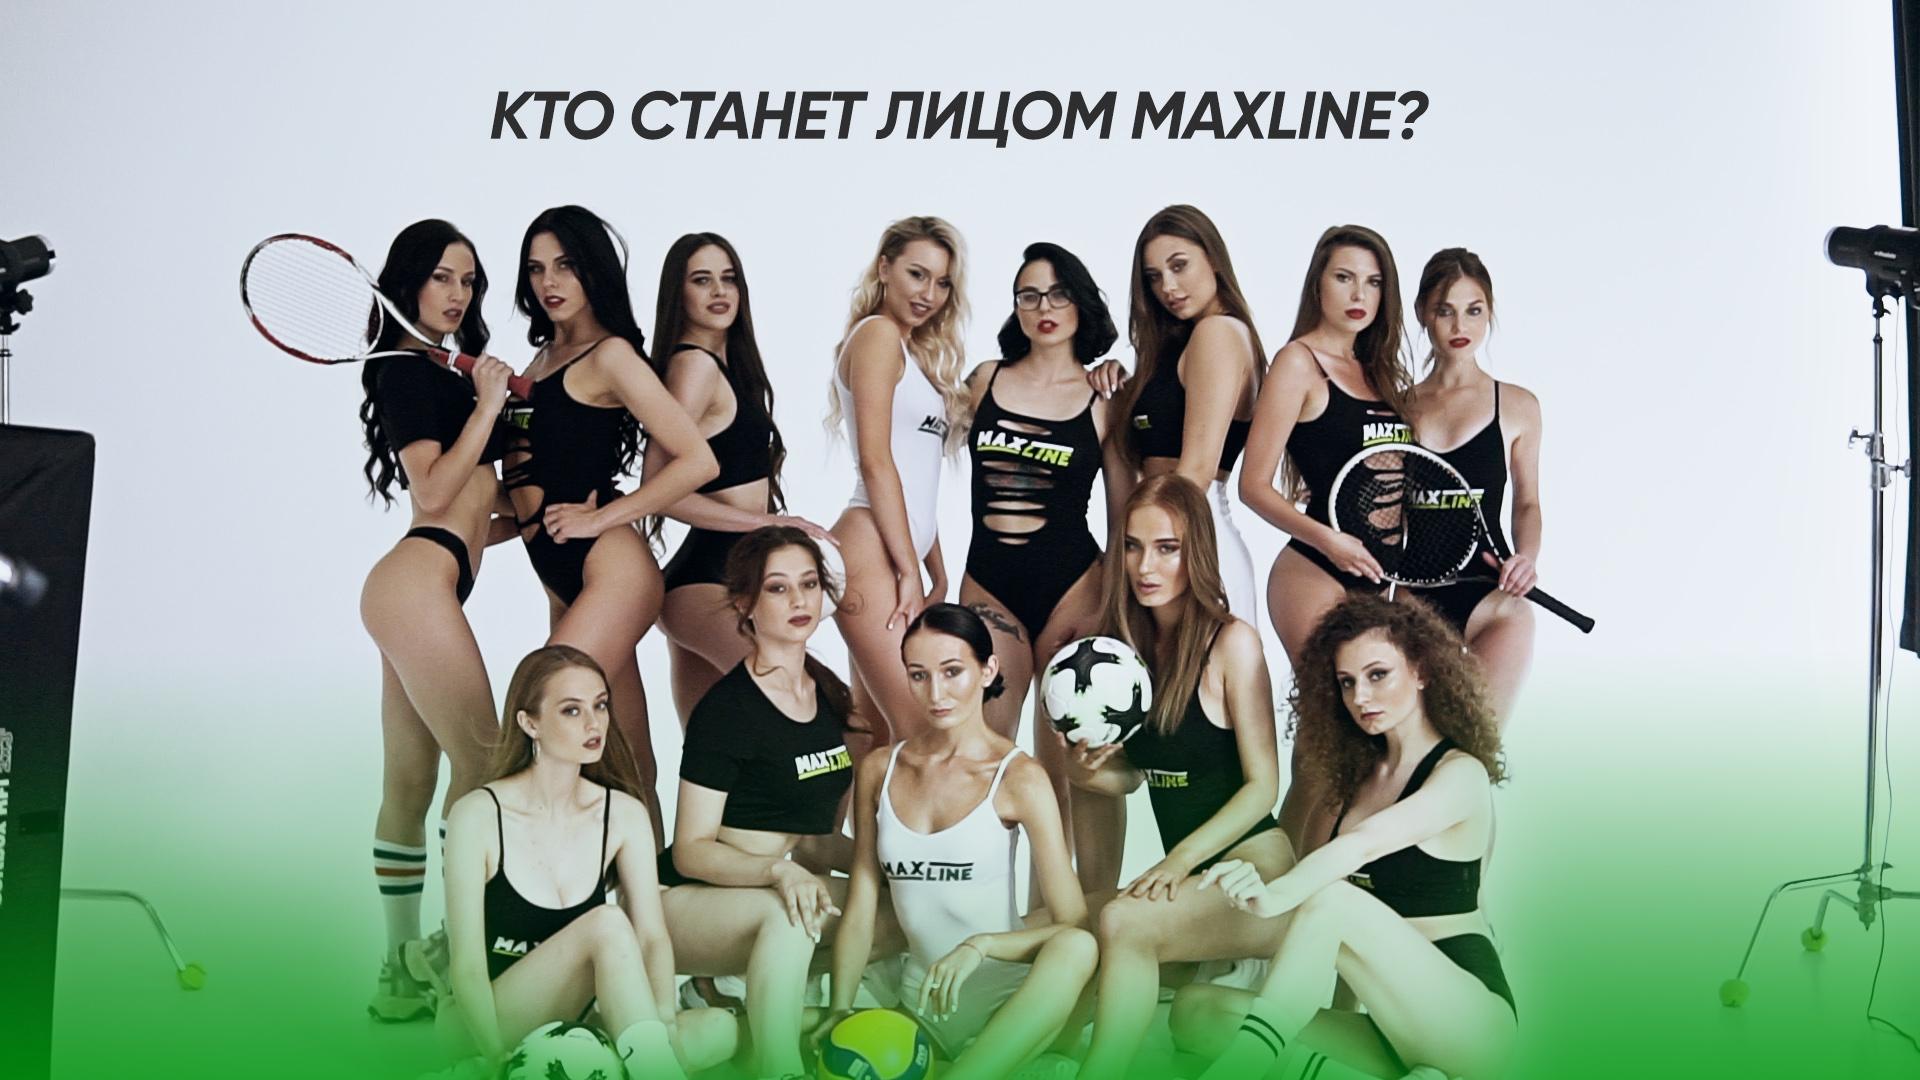 девушки и спорт, Ставки на спорт